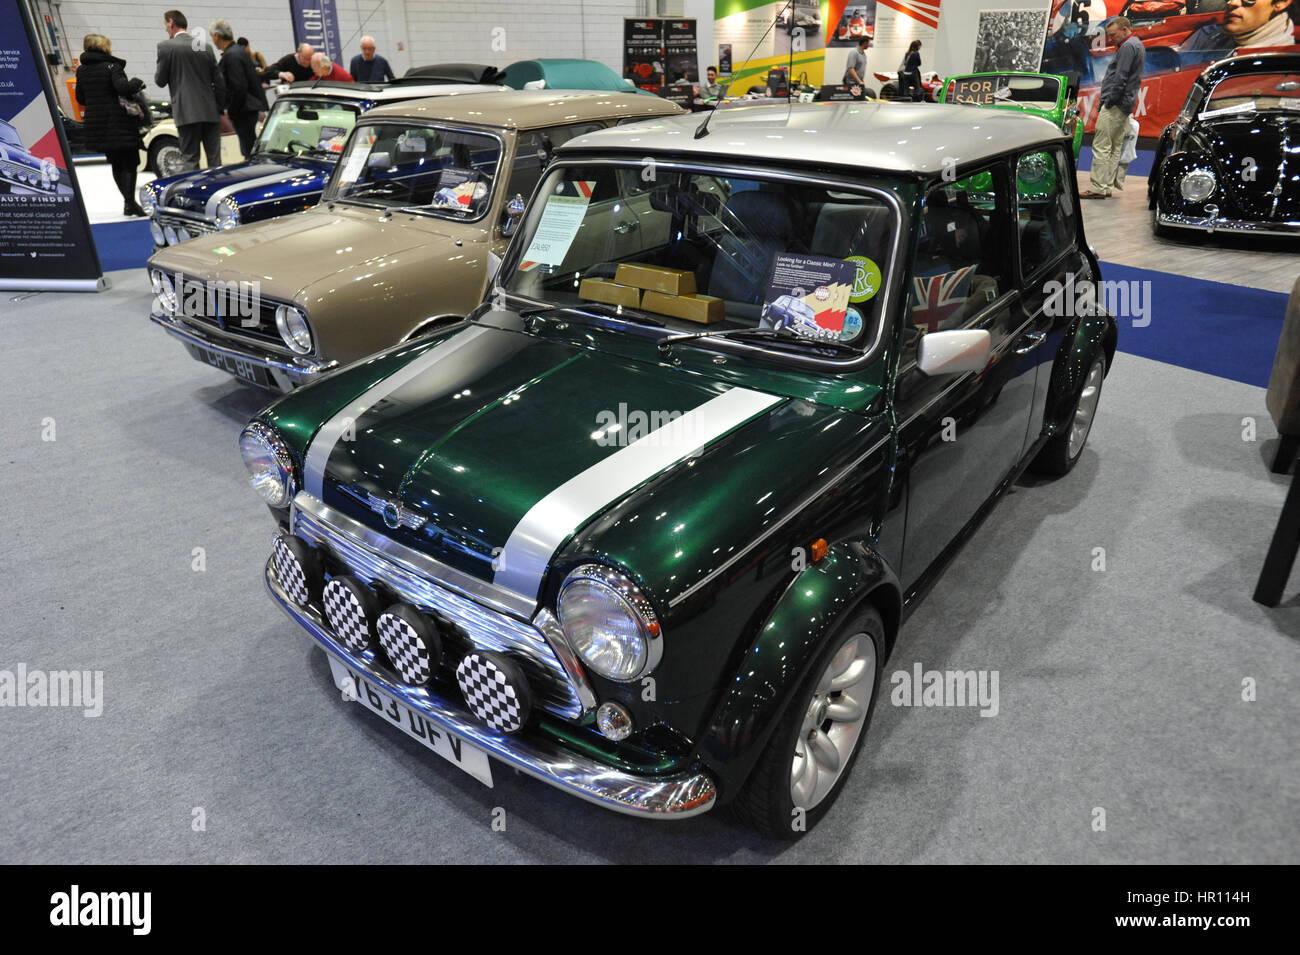 Rover Minis auf dem Display an der London Classic Car Show im ExCel London stattfindet.  Mehr als 800 der schönsten Stockbild